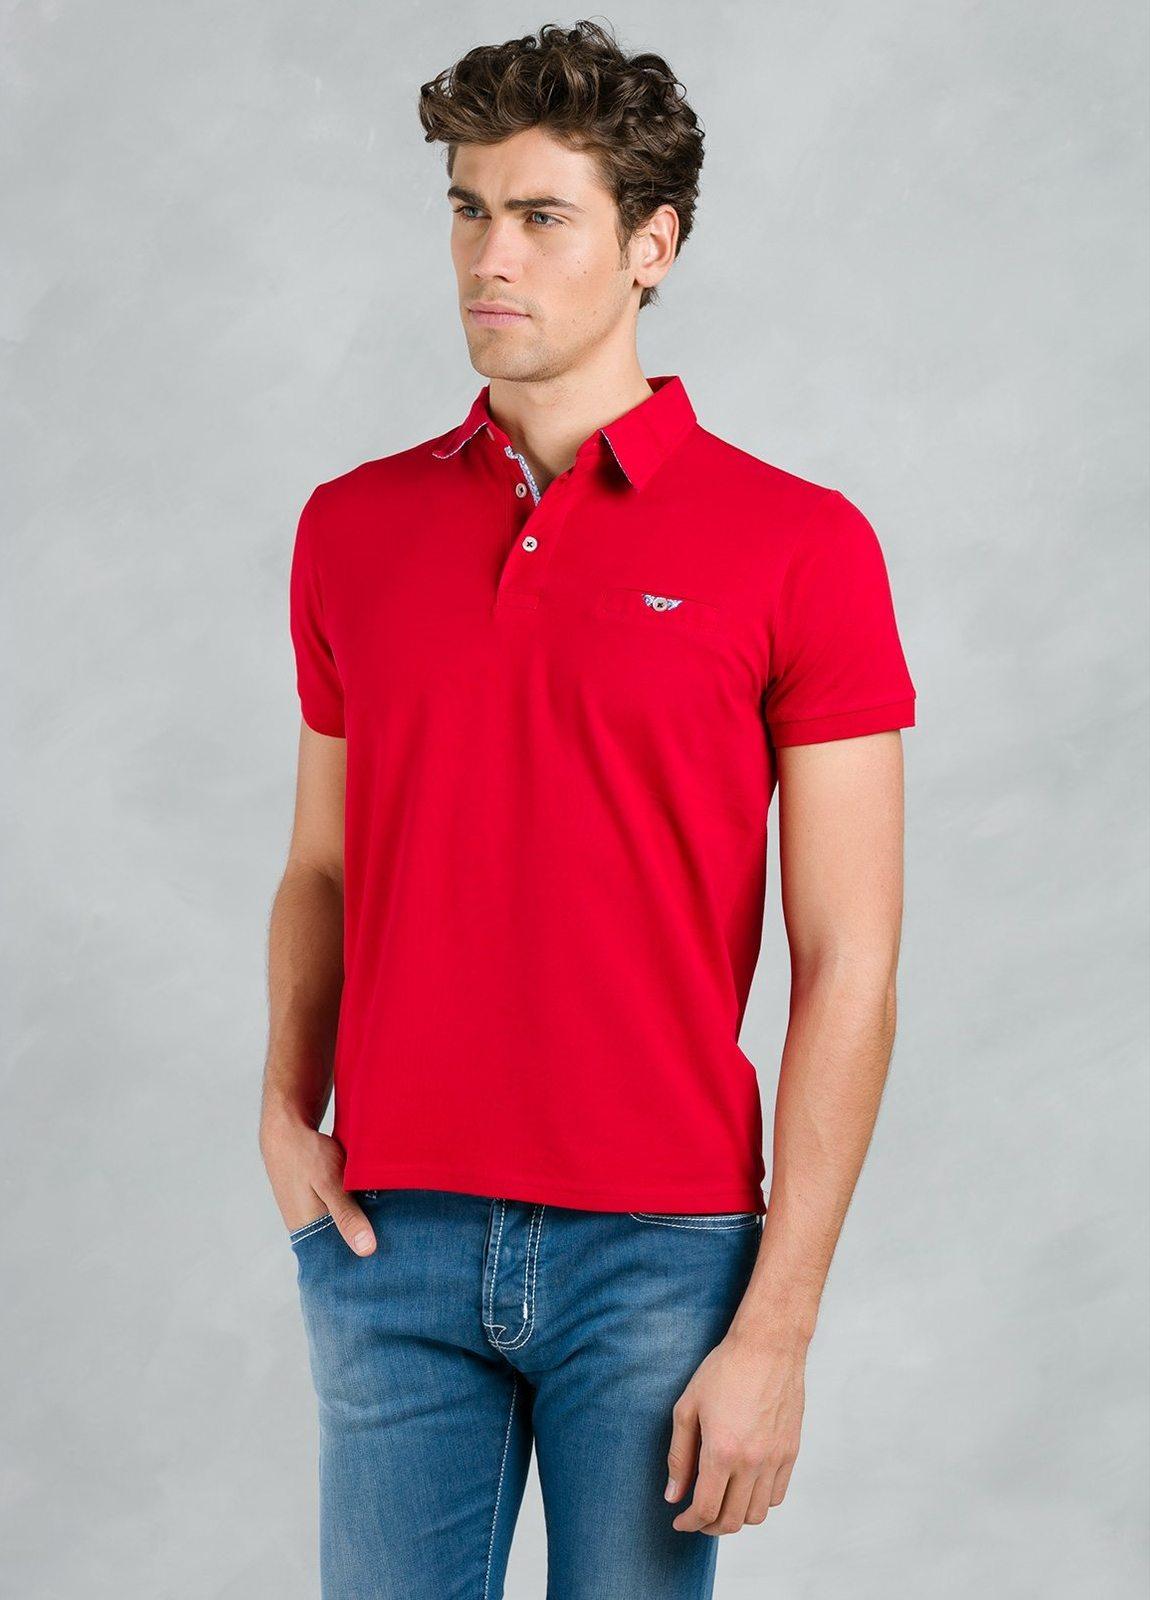 Polo manga corta piquet con bolsillo de ojal, color rojo, 95% Algodón 5% Elastán.